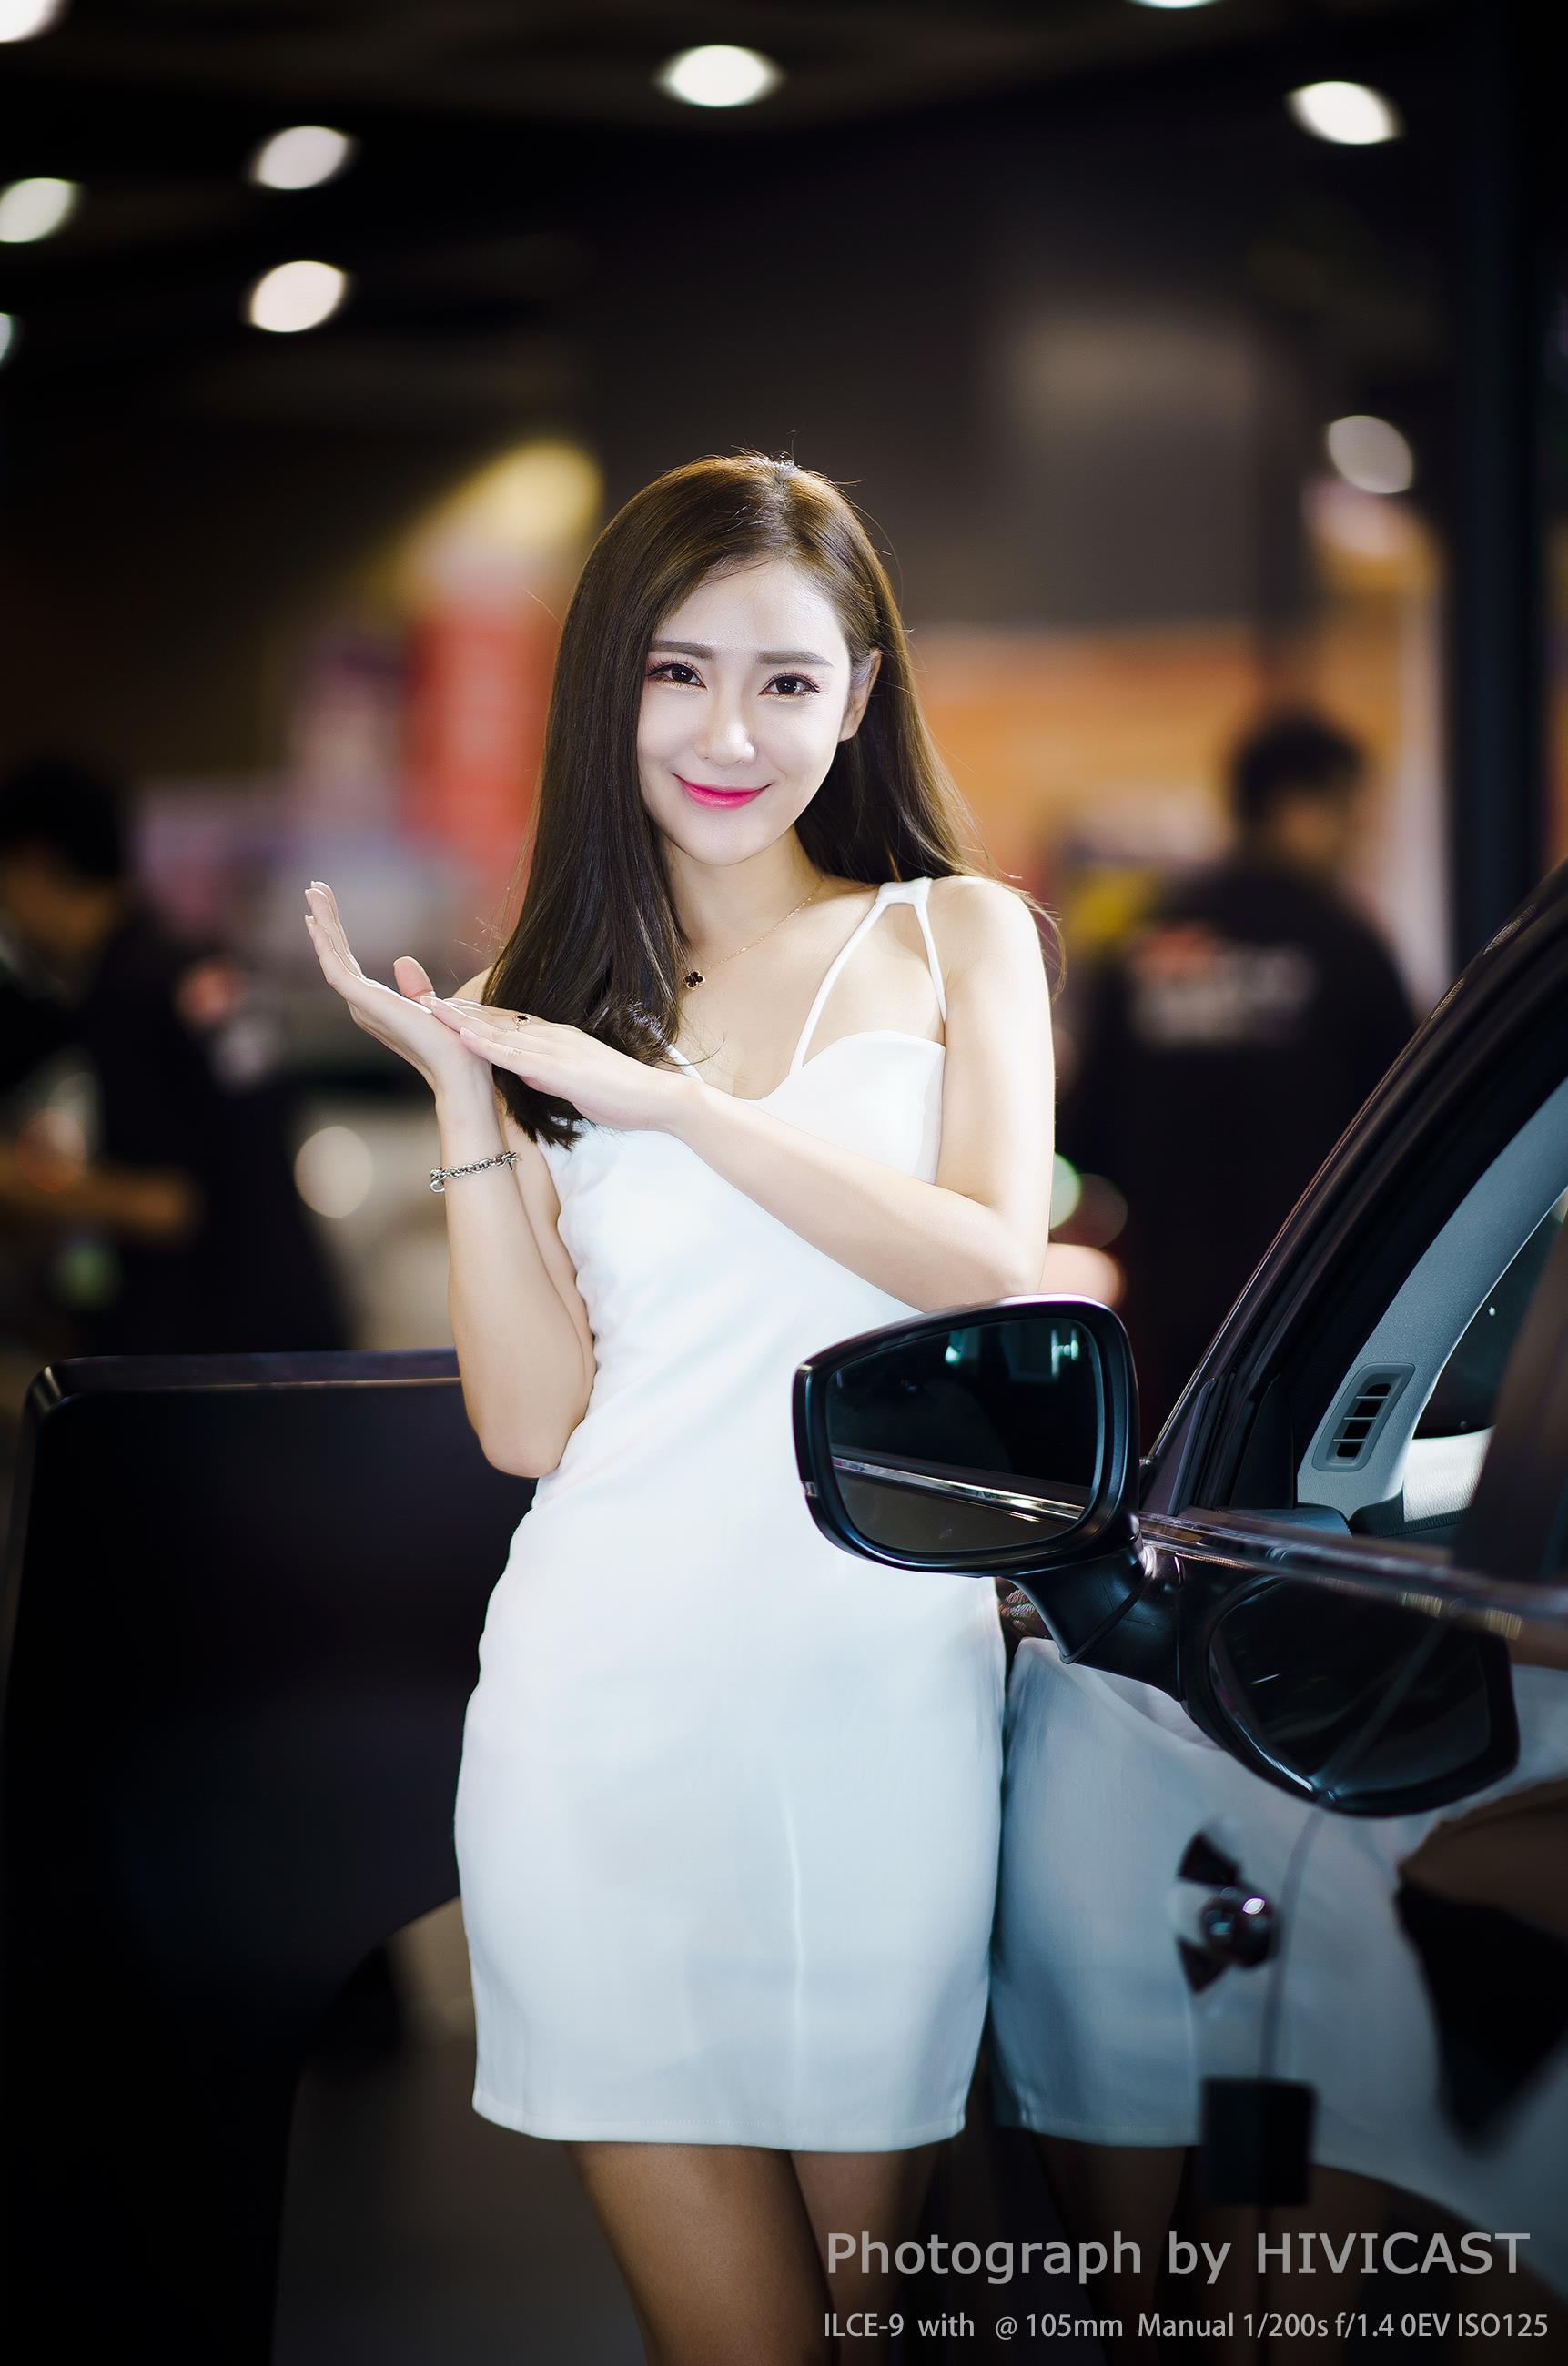 2017沈阳秋季车展长安马自达展台 美女车模 辛灵 白色吊带连身裙优雅大方